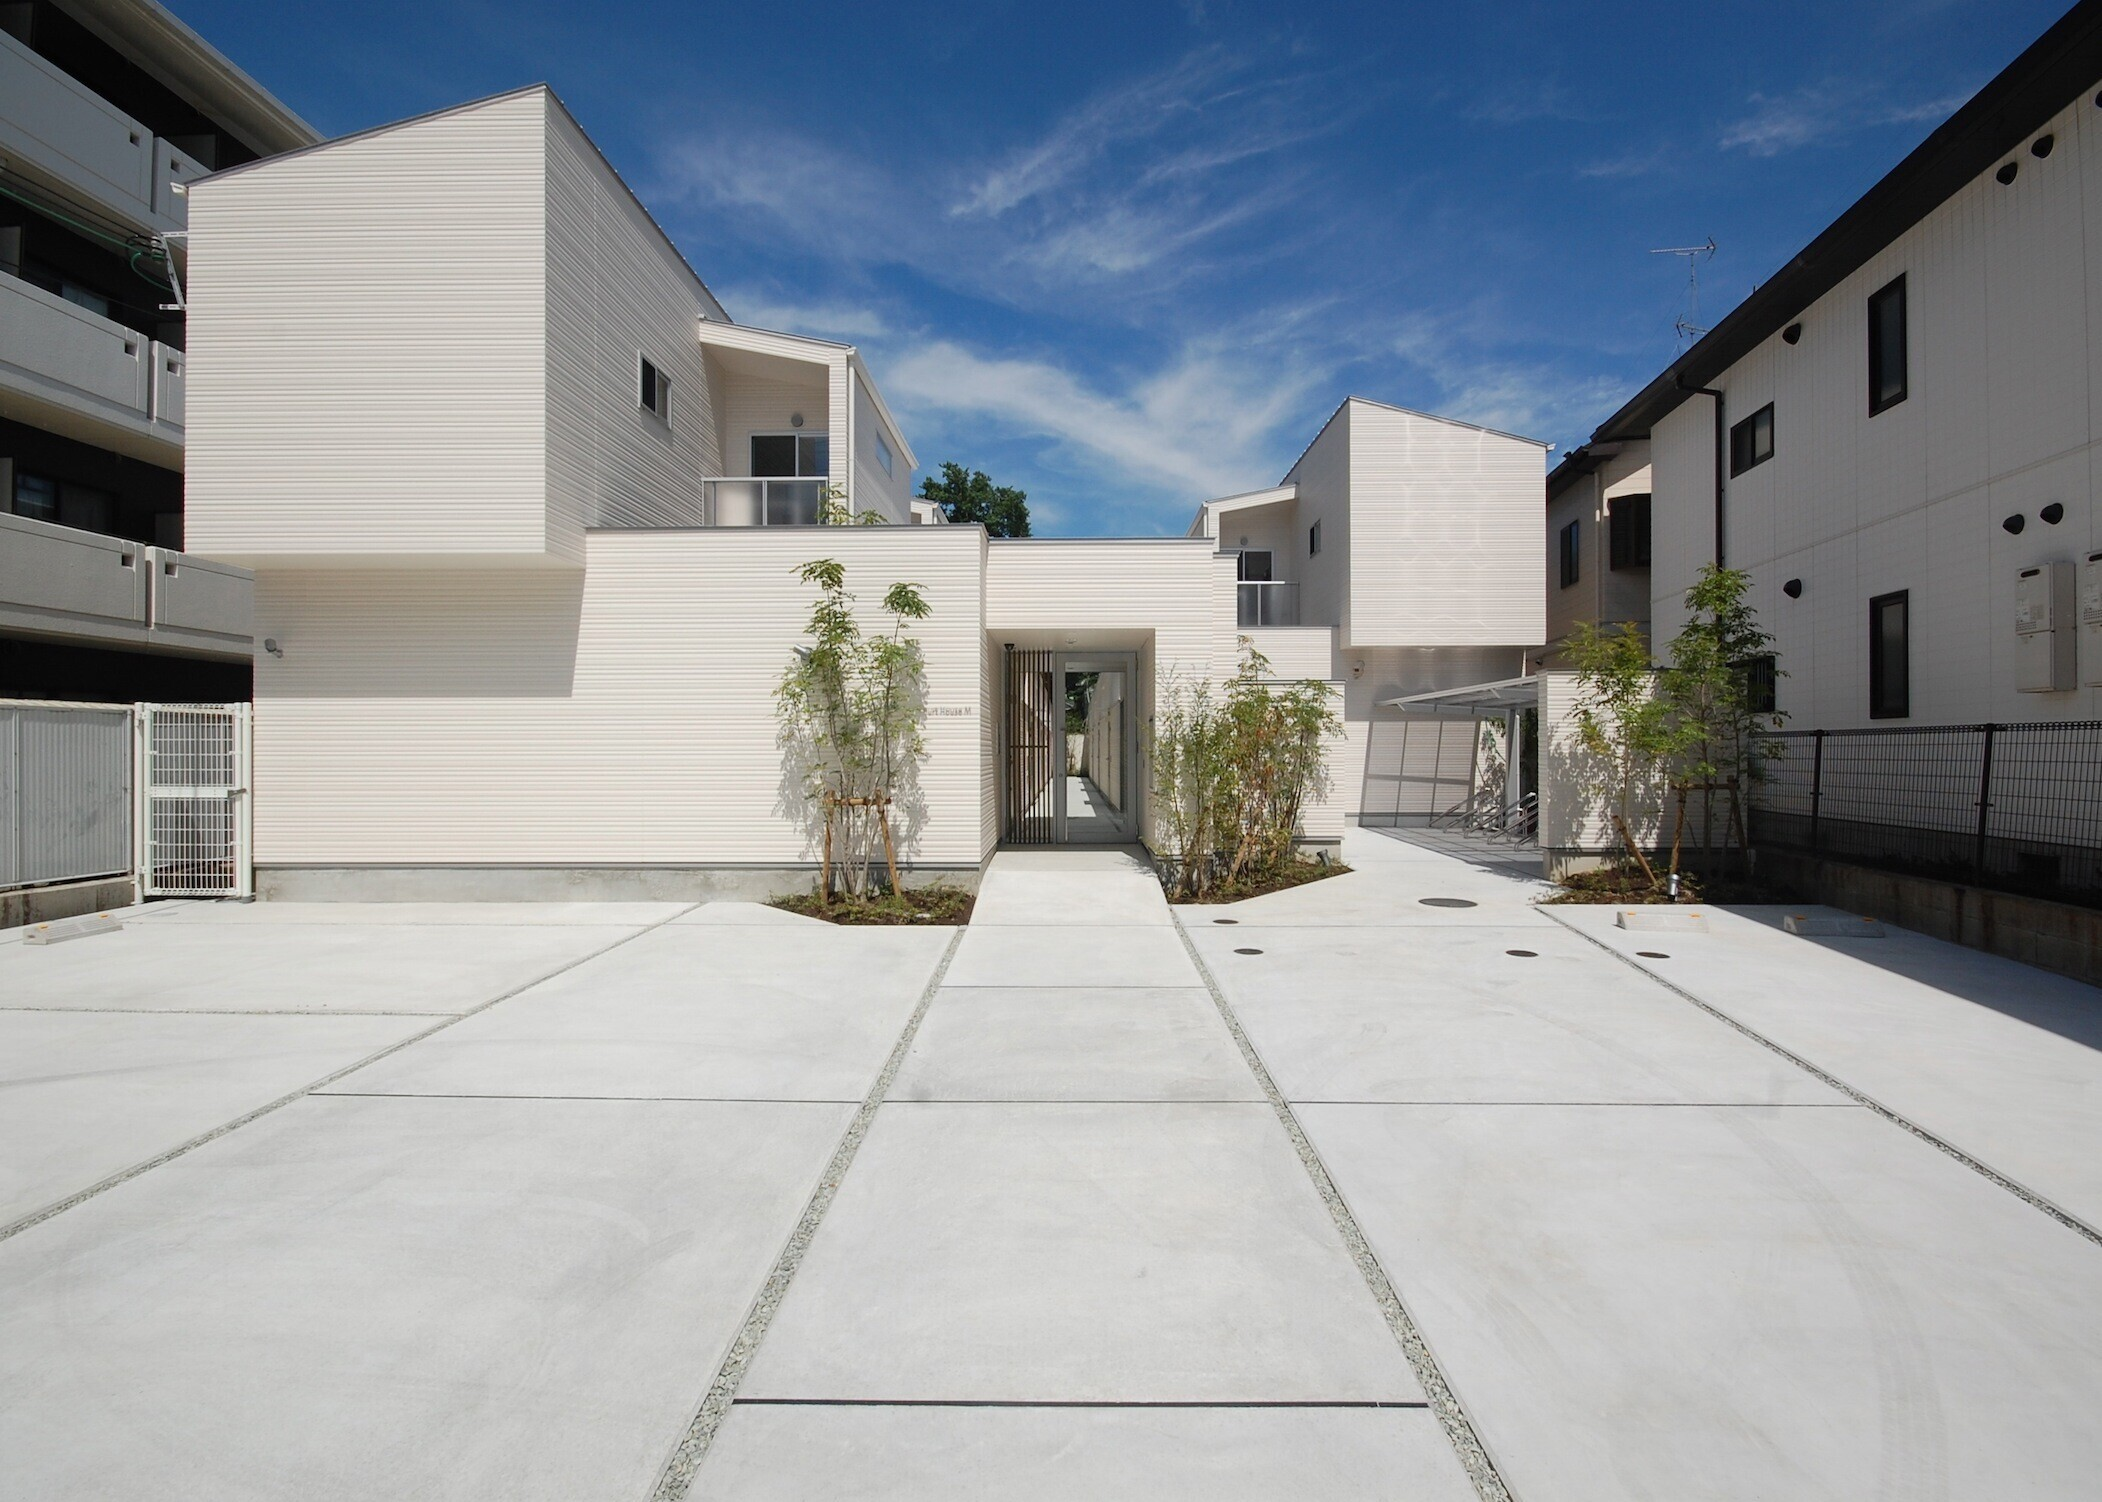 専用デッキテラスを持つメゾネットの集合住宅の建築事例写真